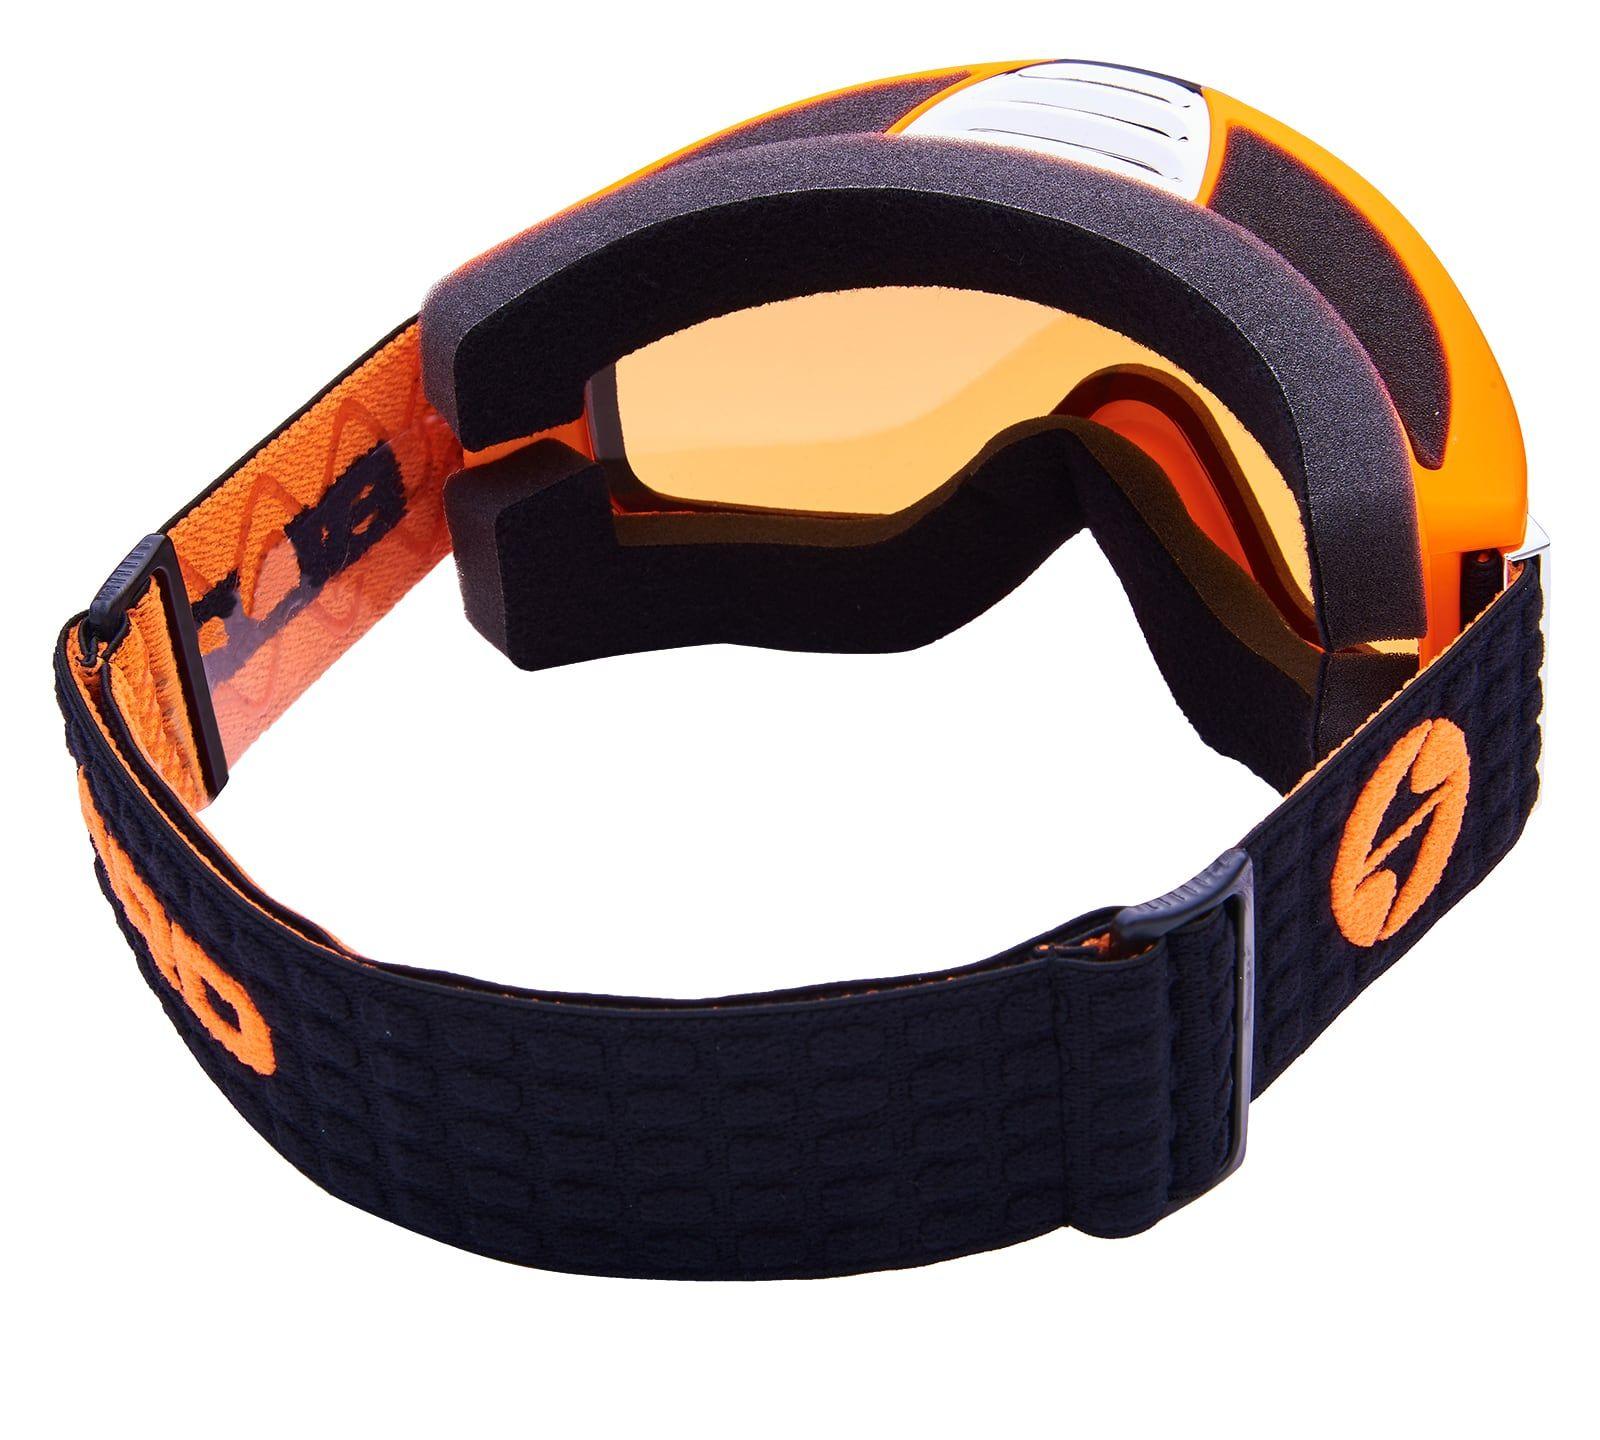 BLIZ Ski Gog. 933 MDAVZS, neon orange matt, amber2, blue mirror